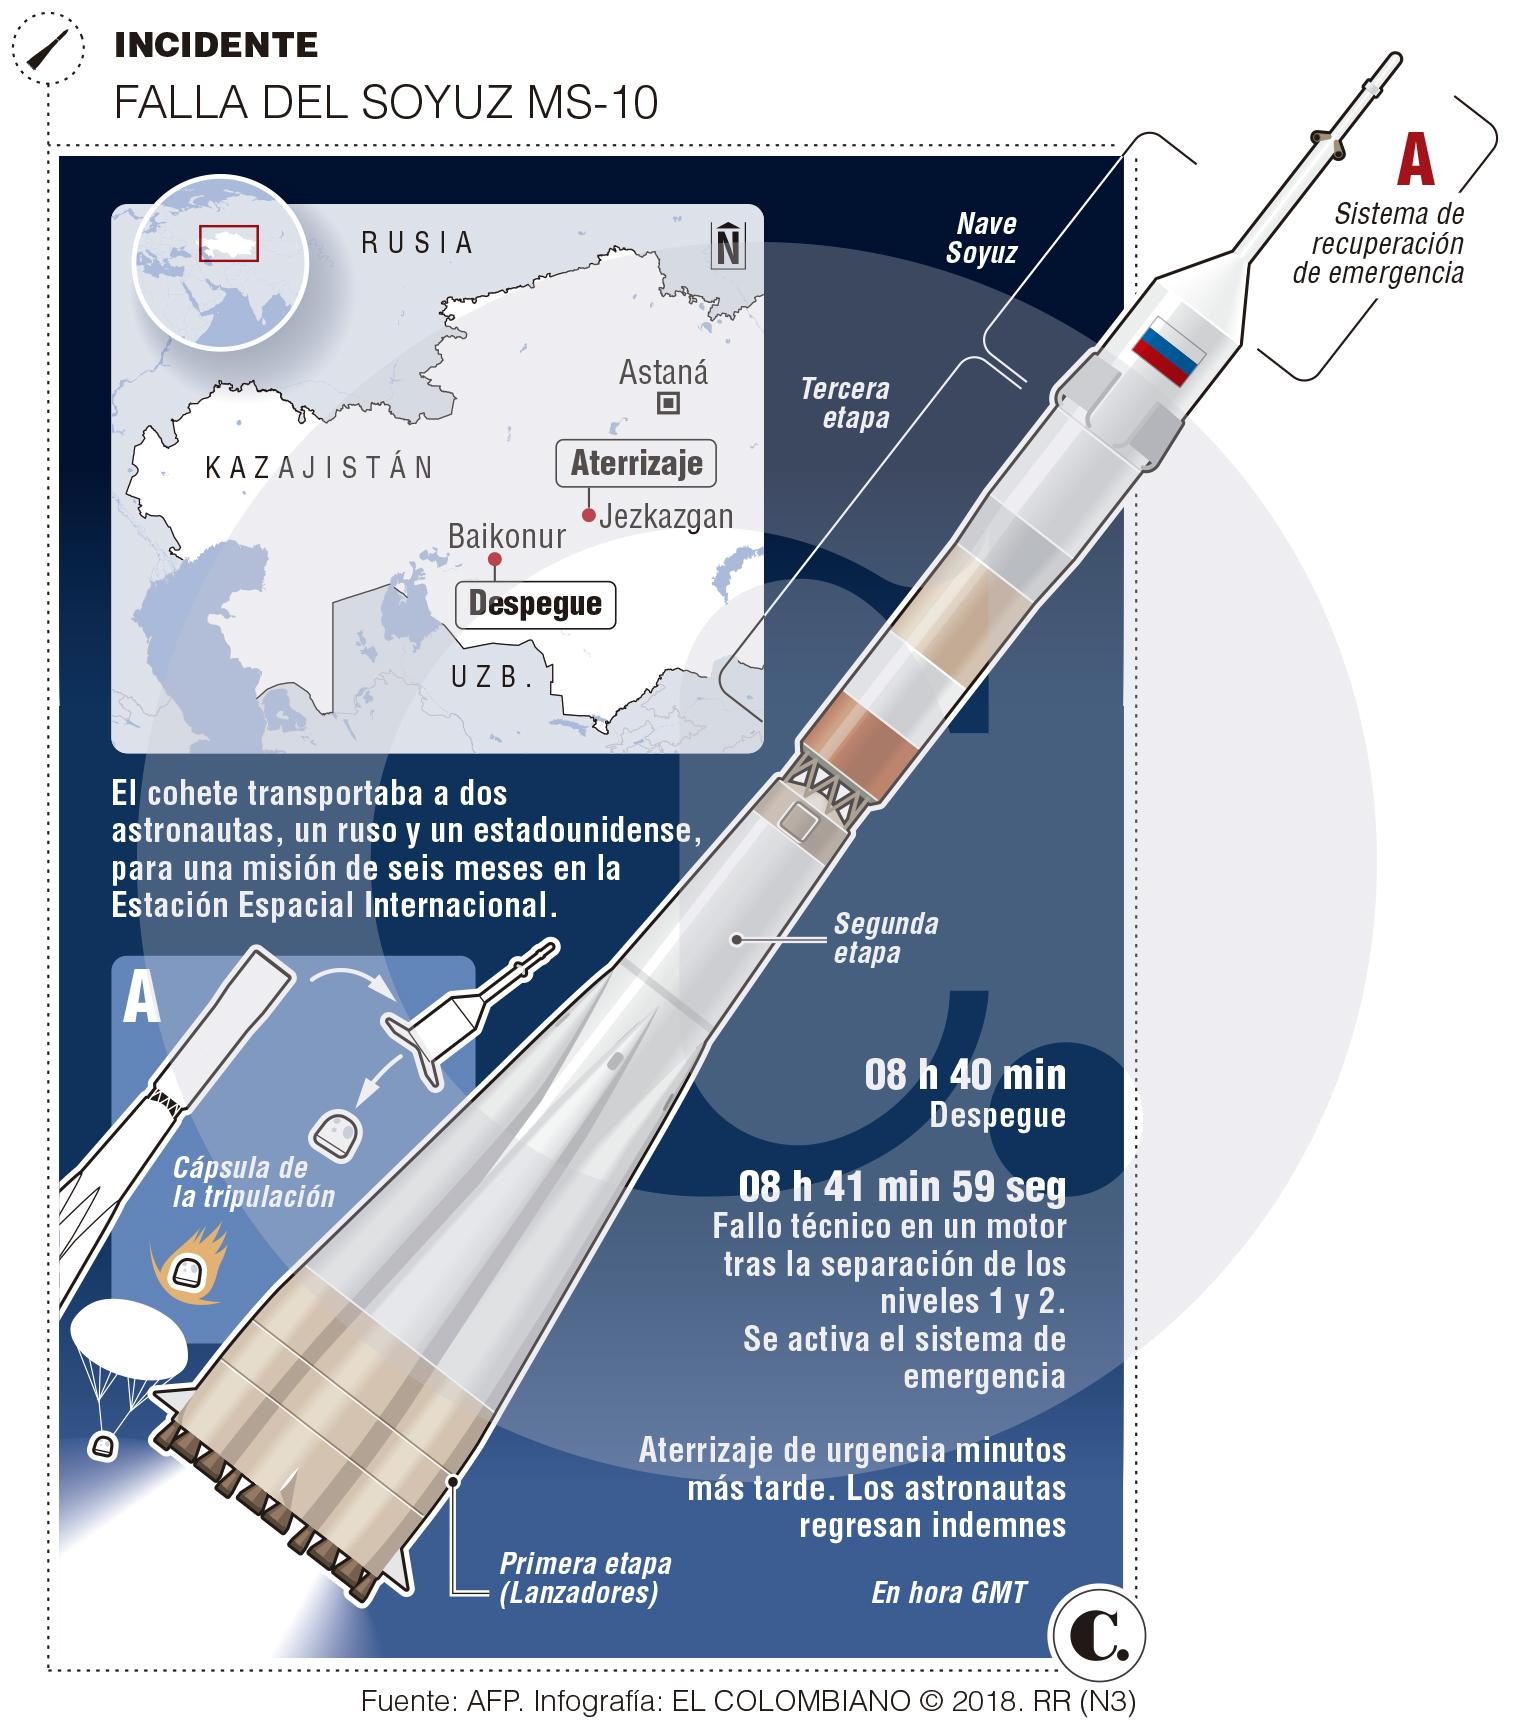 El vuelo fallido de la nave rusa Soyuz a la Estación Espacial